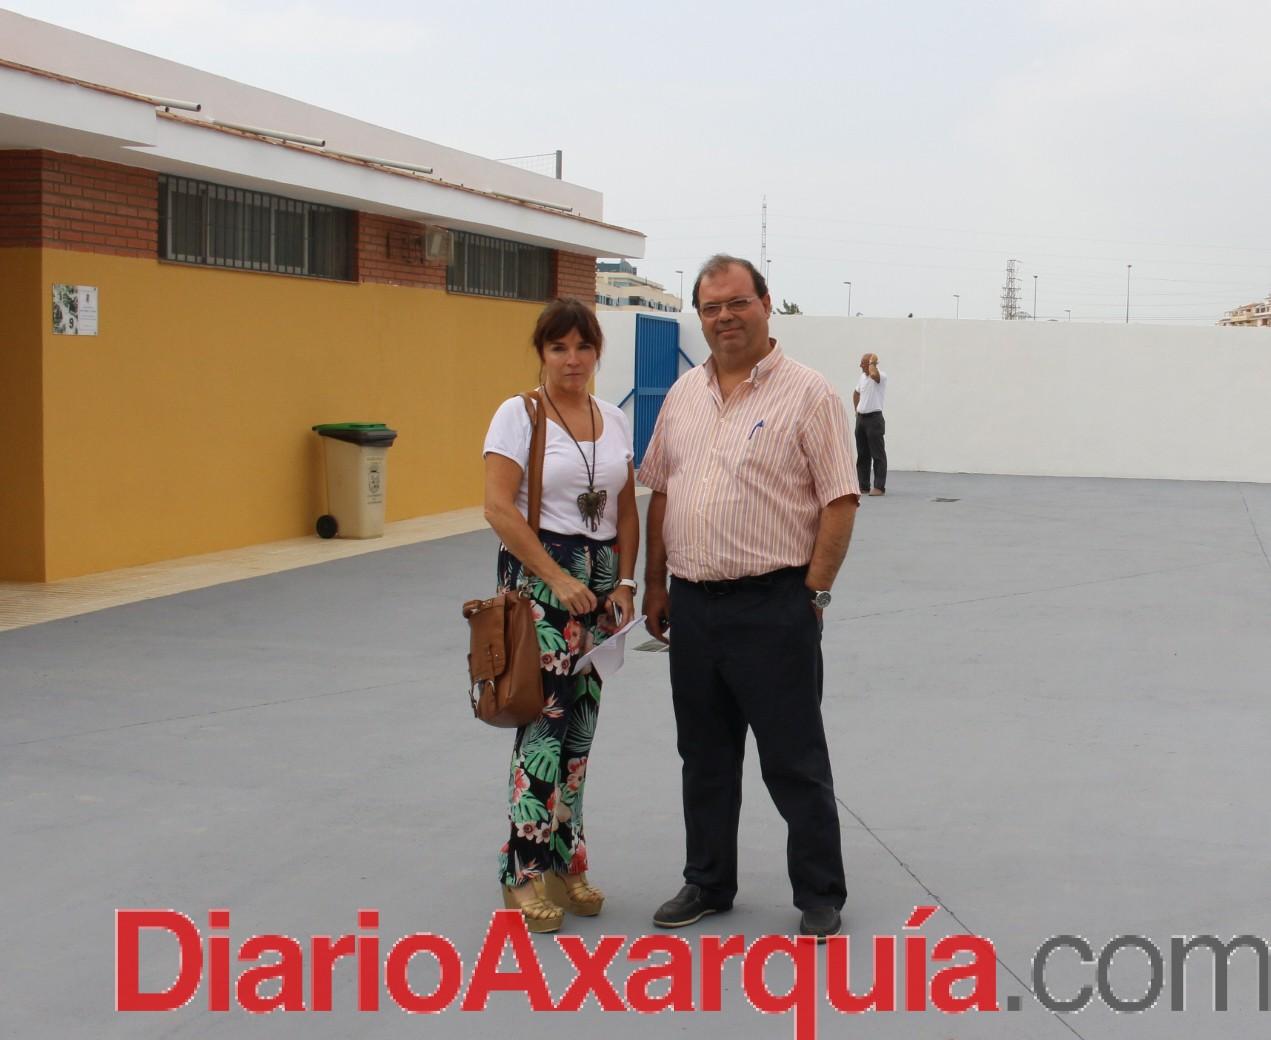 Finalizan la construcción de los aseos y la pavimentación de la entrada del campo de fútbol Juan Azuaga de Torre del Mar